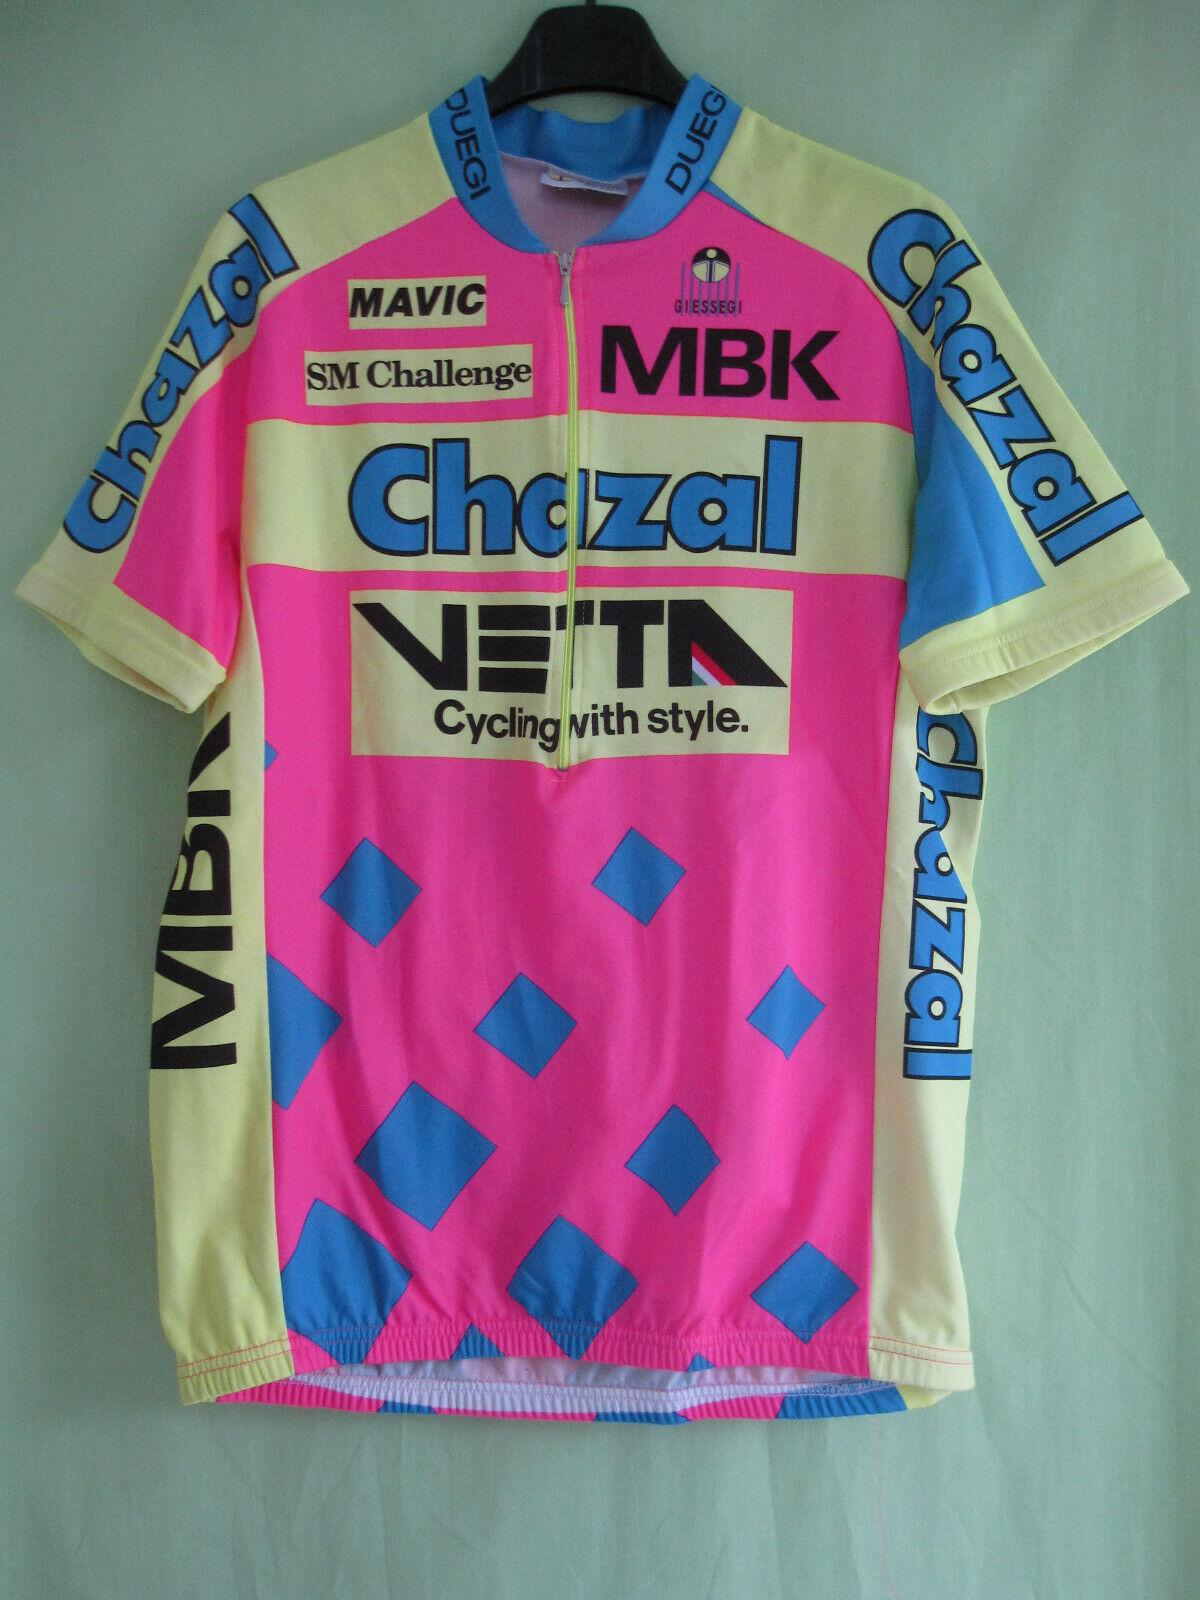 Maillot Cycliste Chazal Vetta MBK SMS Challenge Tour de France 1993  5  L